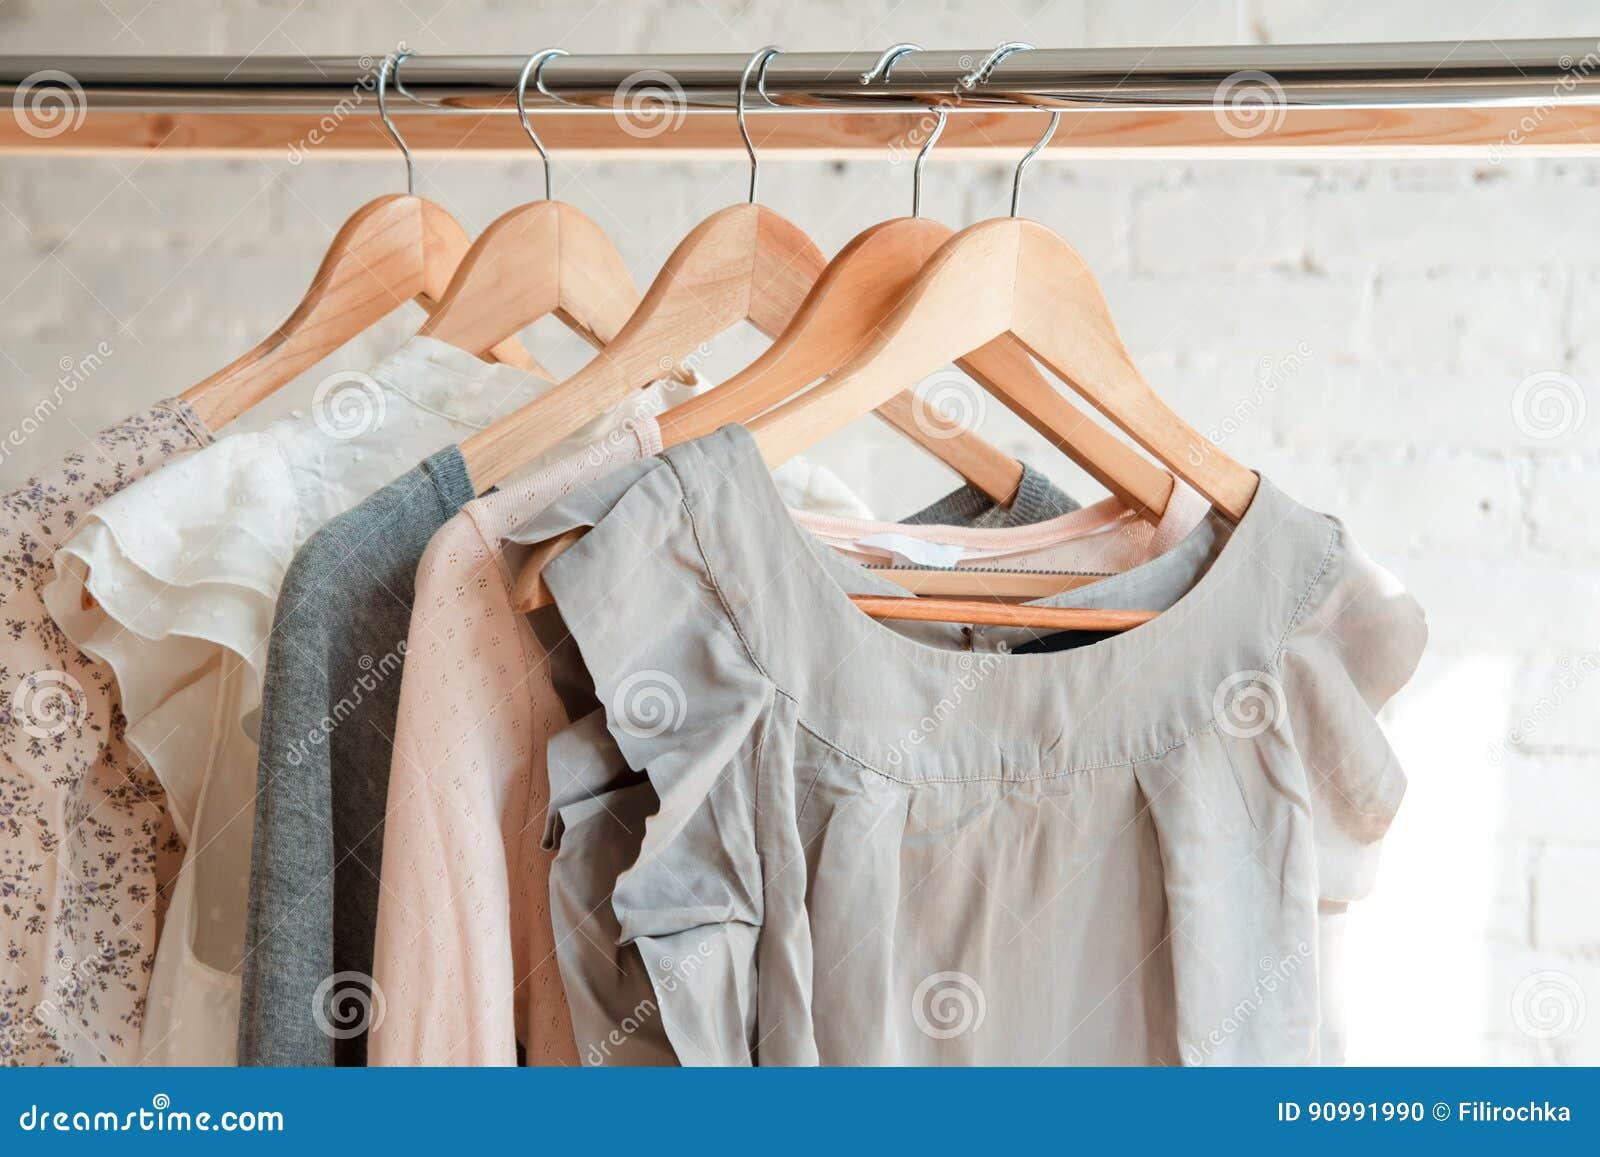 Caída de la ropa en el estante de la ropa